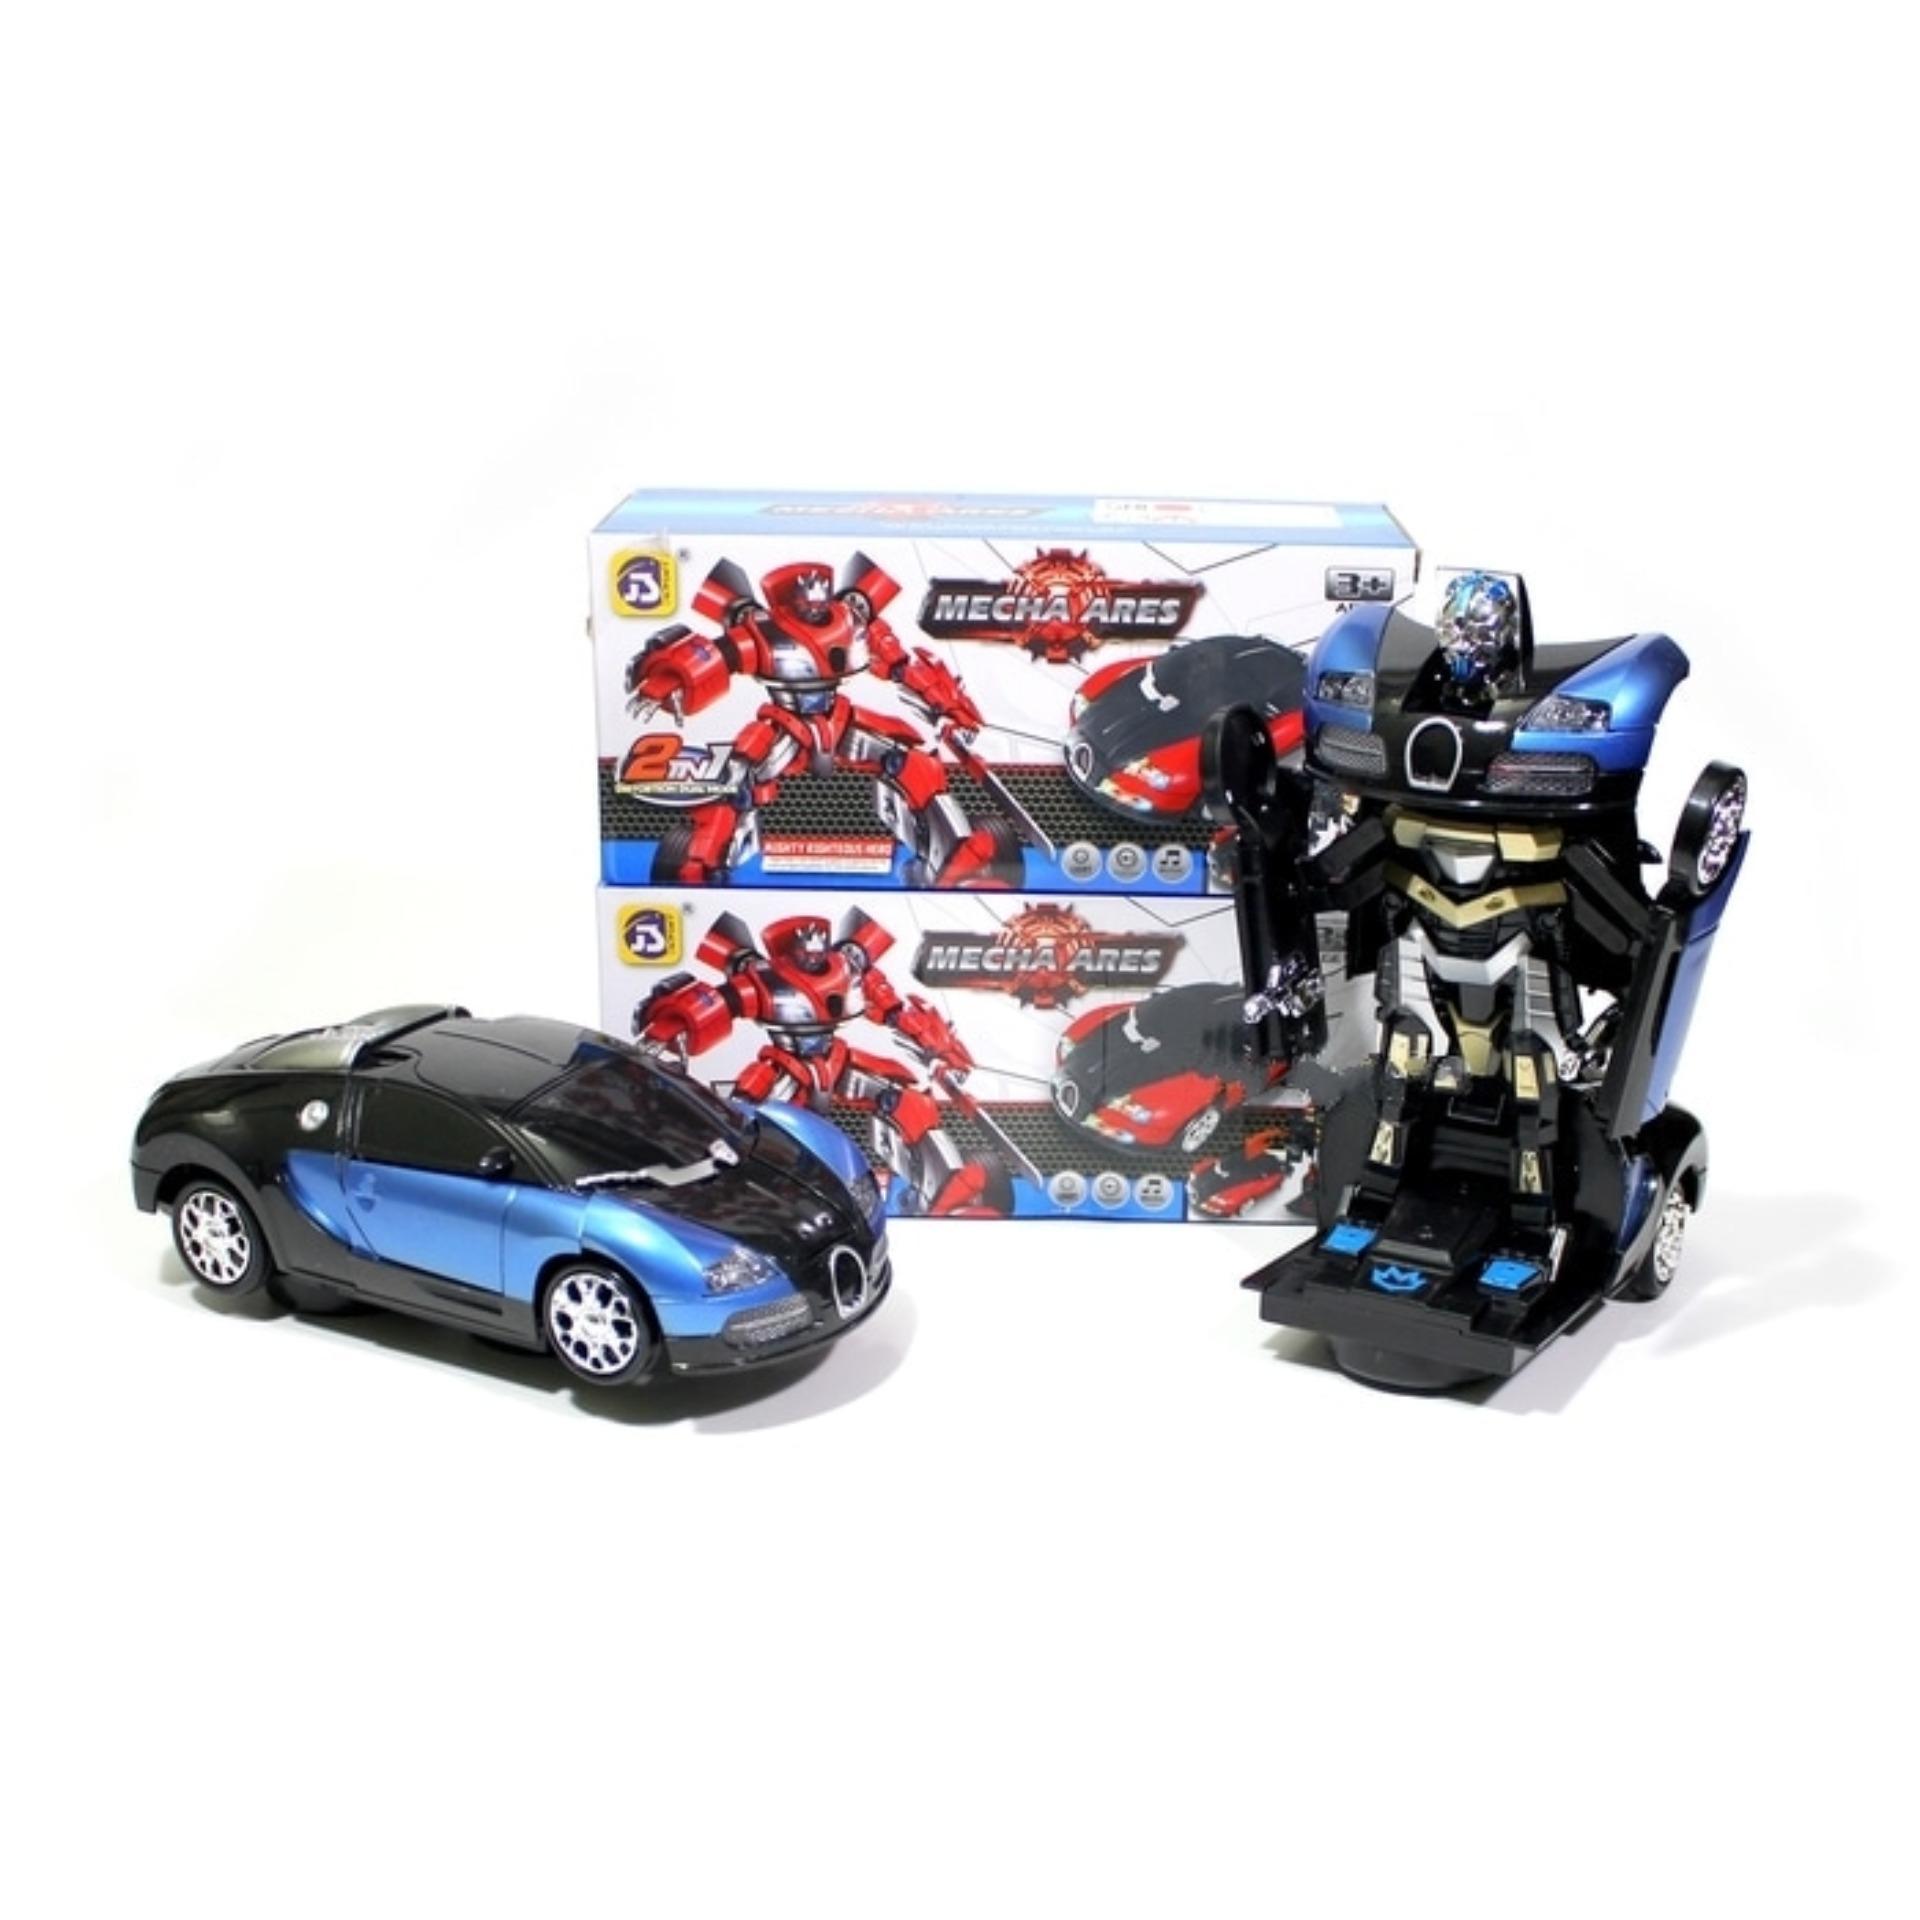 Review of Mainan Mobil Transformer Bugatti Veyron Bisa Jadi Robot anggaran terbaik - Hanya Rp90.653